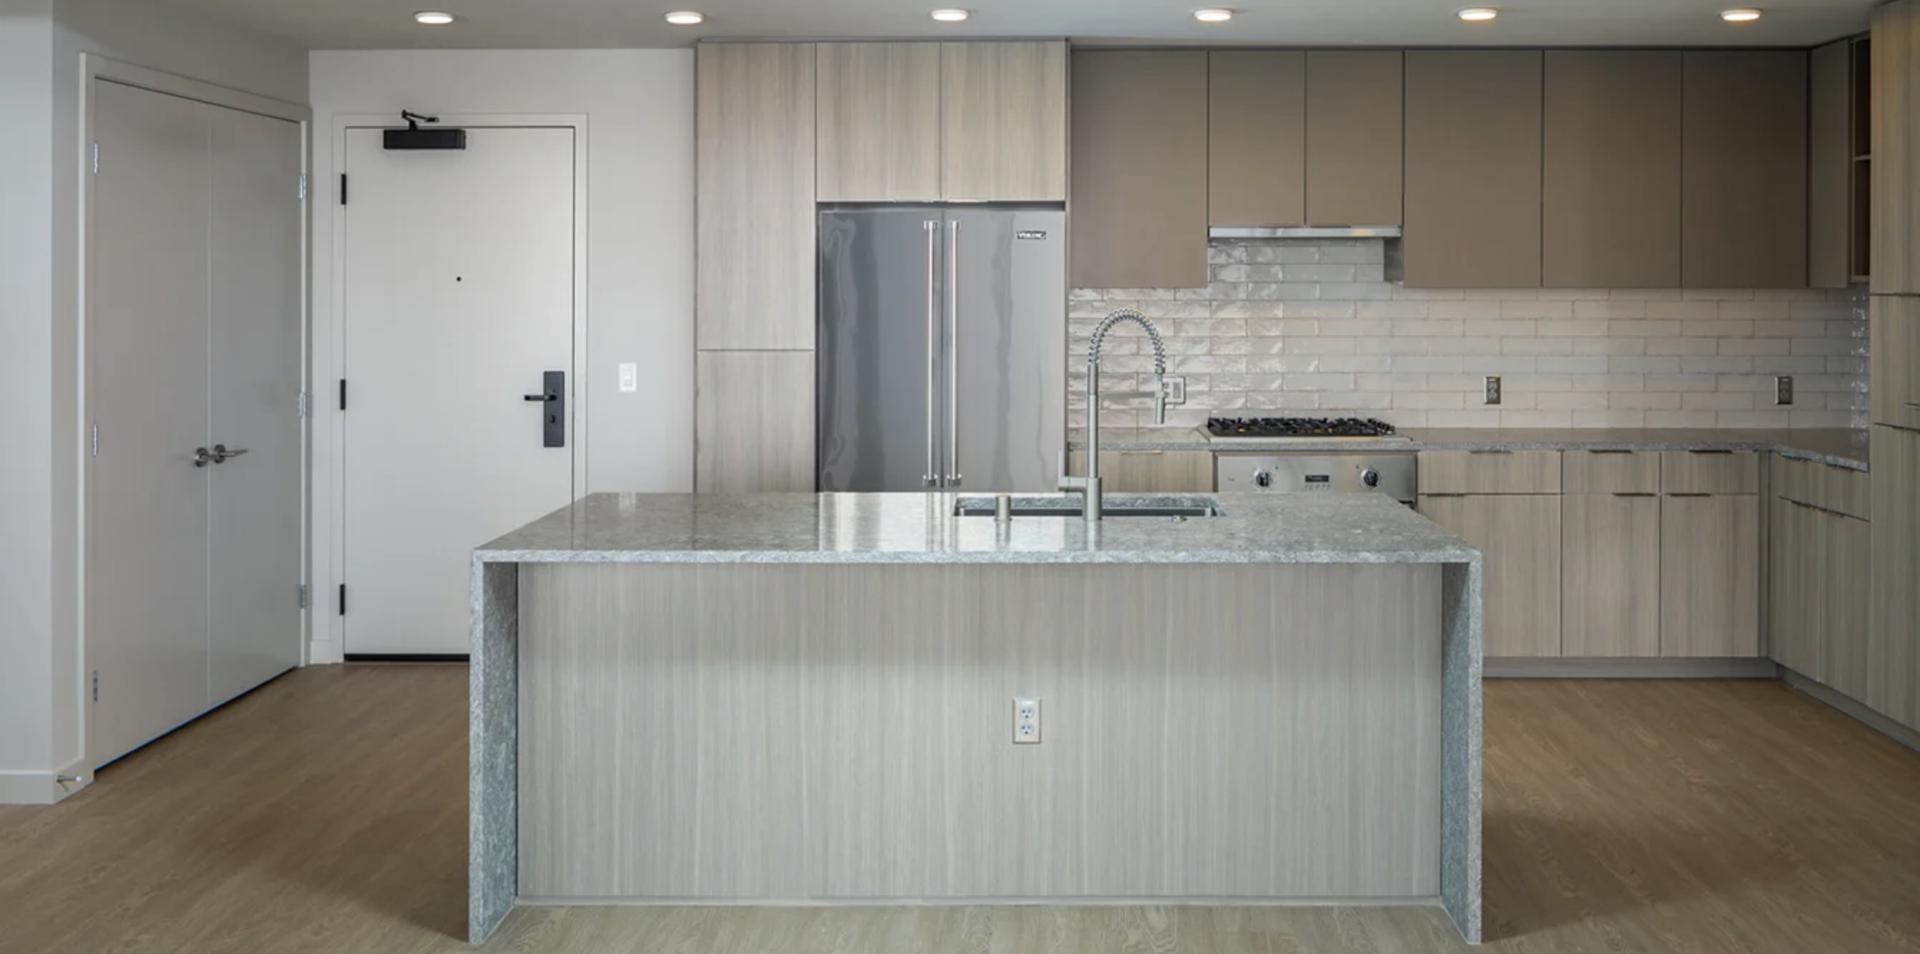 601 11th Avenue #2402, San Diego, CA - $5,205 USD/ month